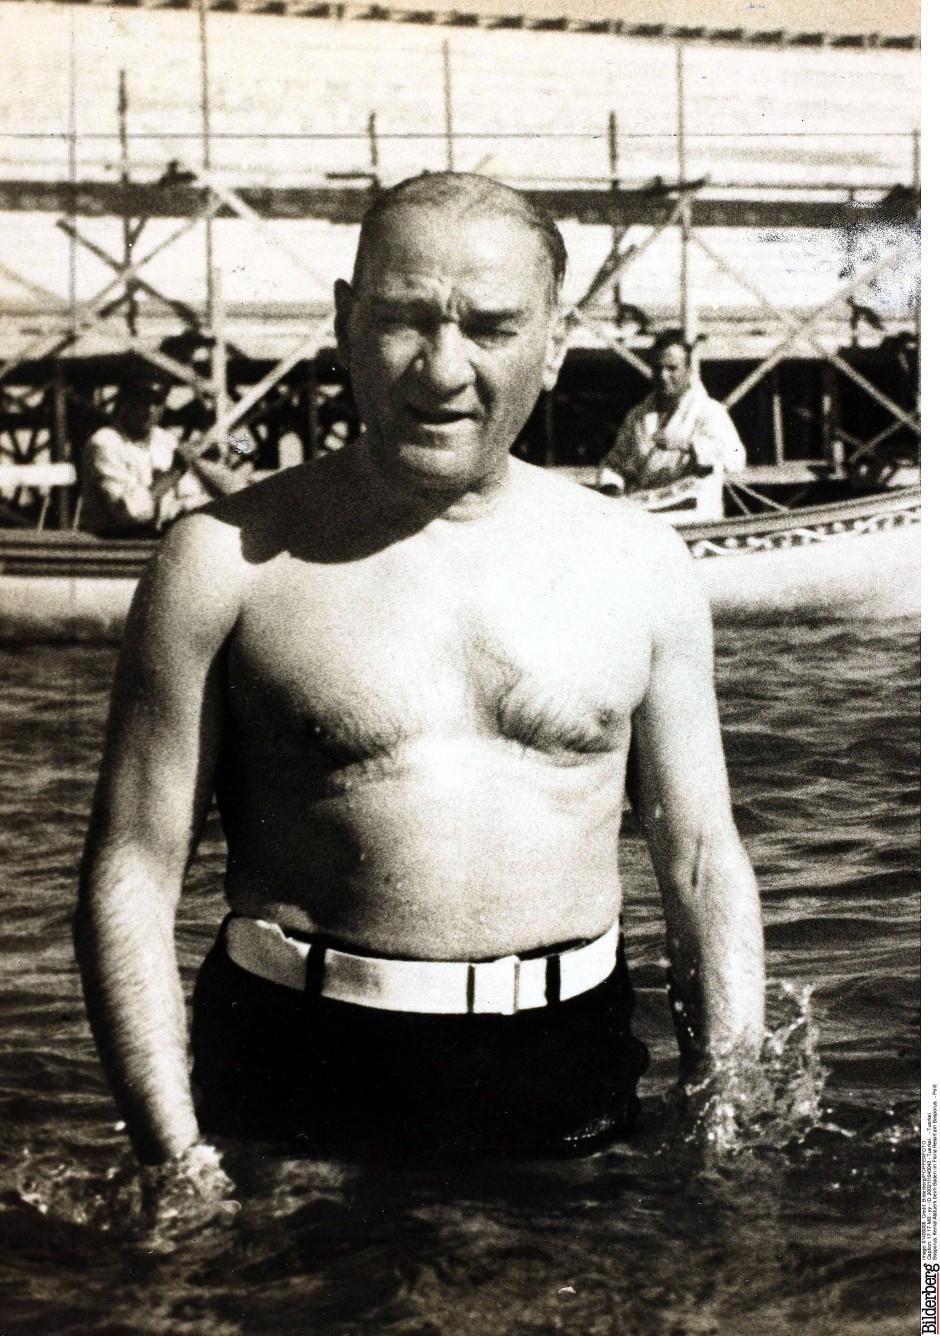 Kemal Atatuerk beim Baden im Floria Resort am Bosporus im Jahr 1930.